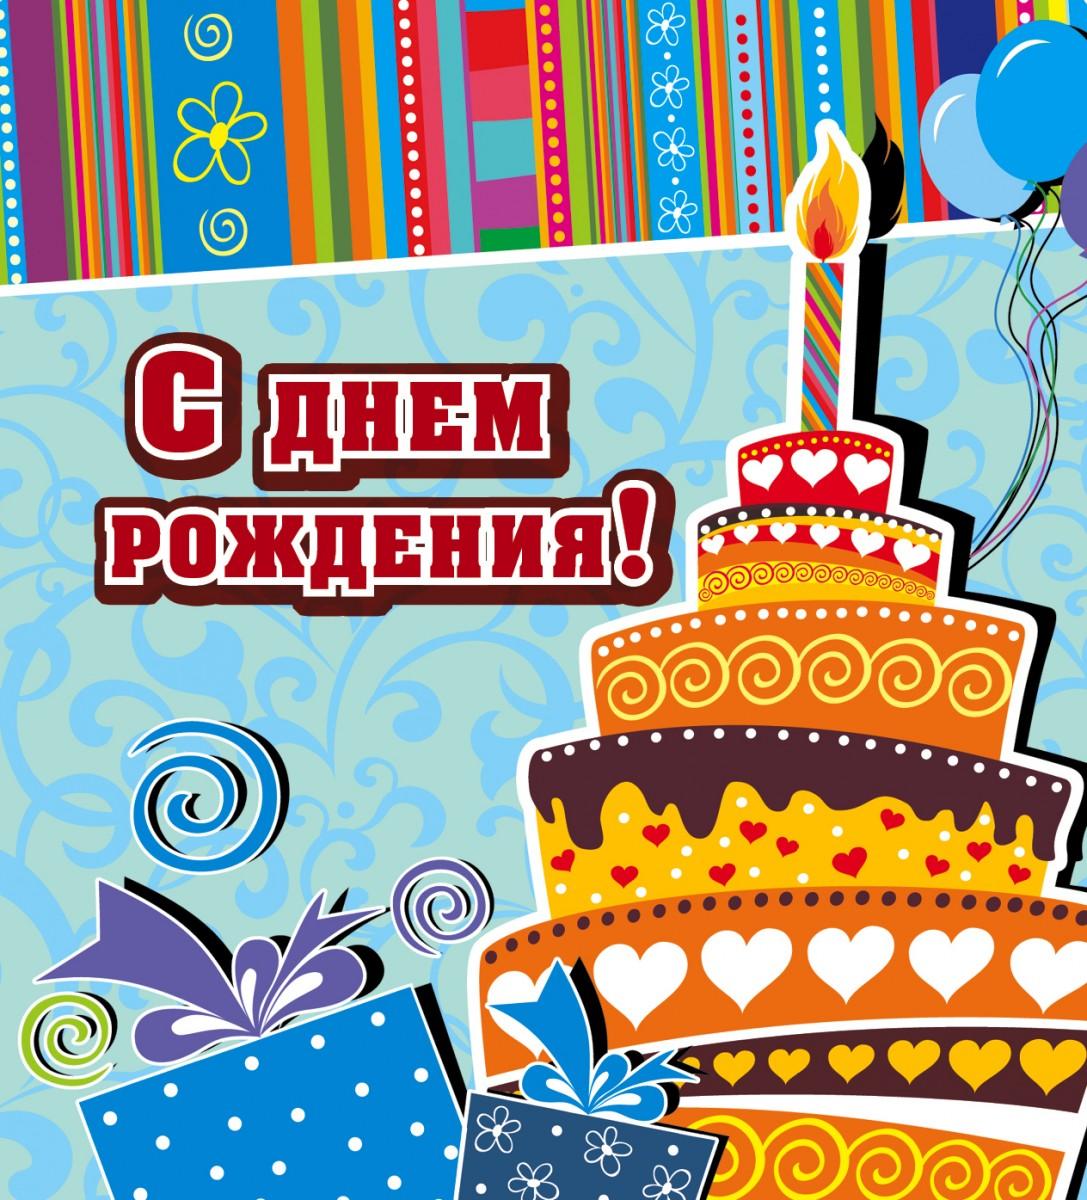 Современное поздравление с днем рождения знакомому